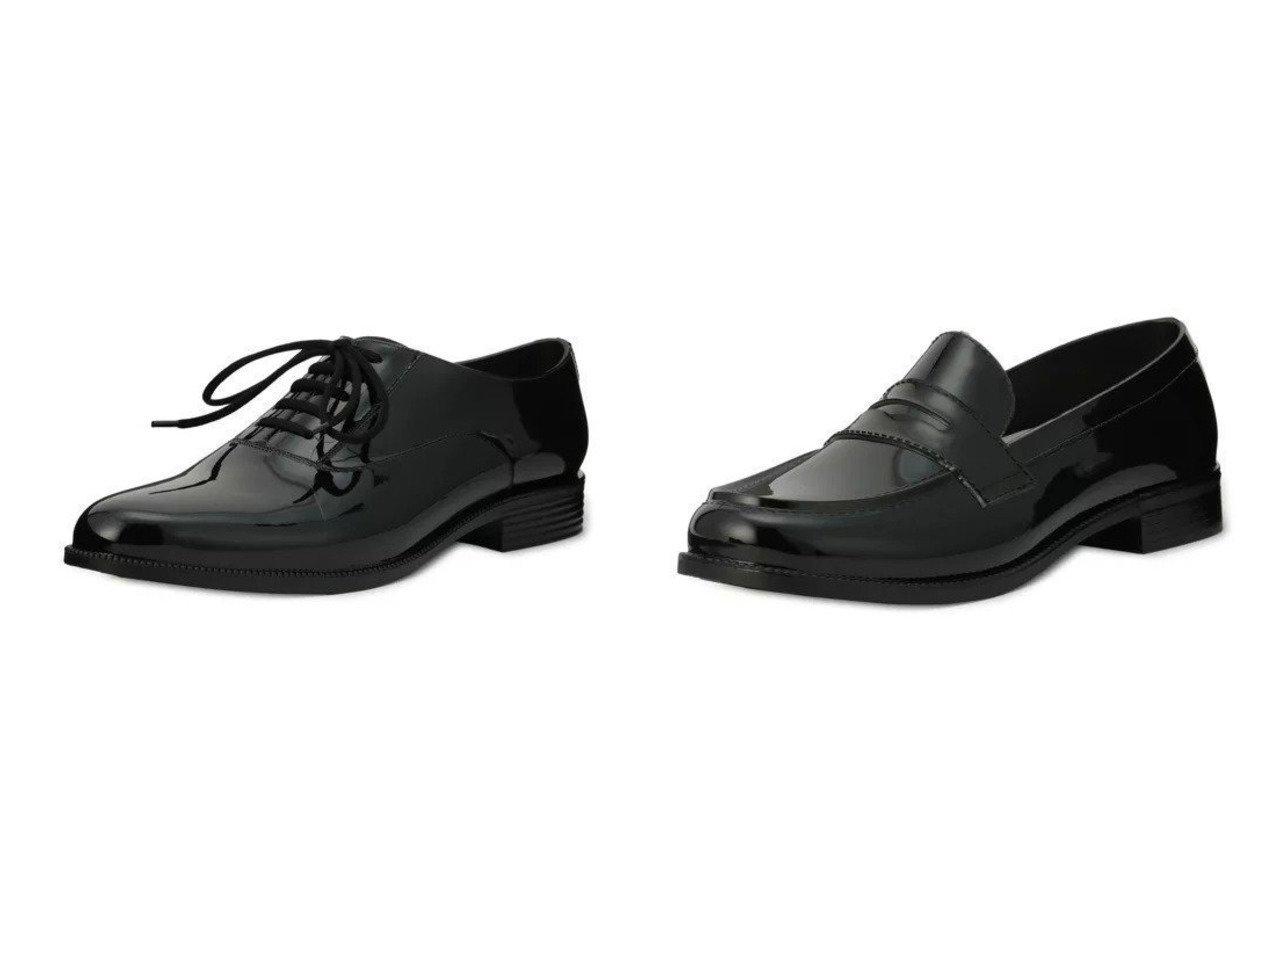 【TEMPERATE/テンパレイト】のローファーレインシューズLLOYD&レースアップレインシューズOSTERA 【シューズ・靴】おすすめ!人気トレンド・レディースファッション通販 おすすめで人気の流行・トレンド、ファッションの通販商品 インテリア・家具・メンズファッション・キッズファッション・レディースファッション・服の通販 founy(ファニー) https://founy.com/ 雑誌掲載アイテム Magazine Items ファッション雑誌 Fashion Magazines リー LEE ファッション Fashion レディースファッション WOMEN 7月号 シューズ シンプル スタンダード リアル 雑誌 |ID:crp329100000052943